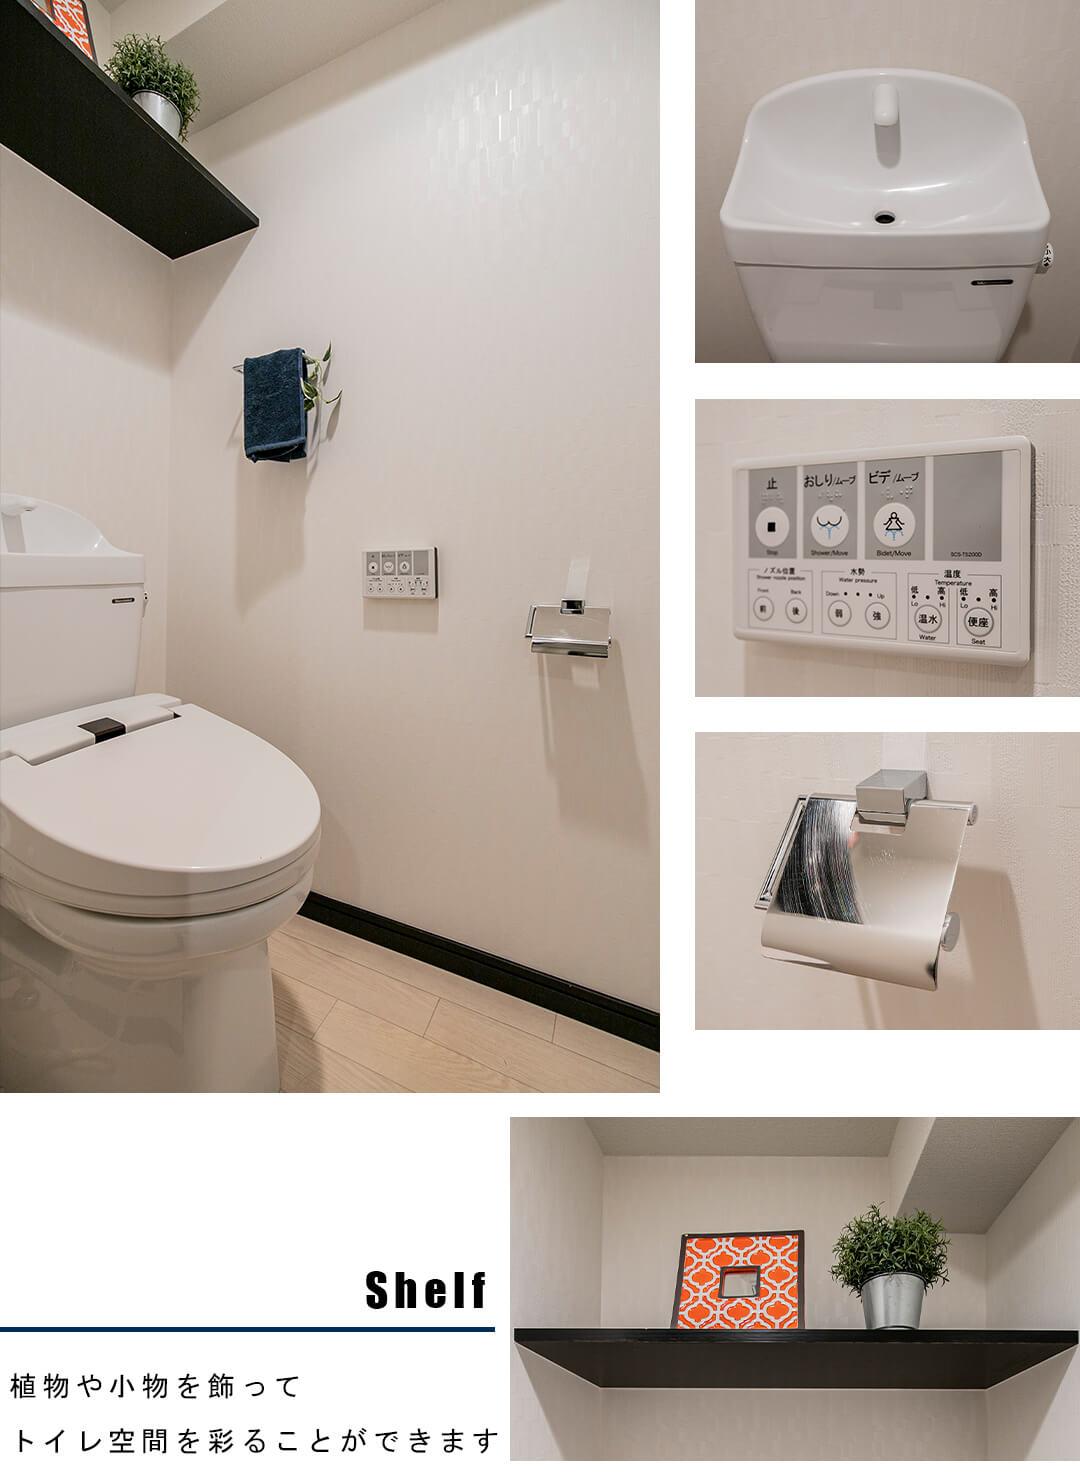 AXAS高田馬場のトイレ